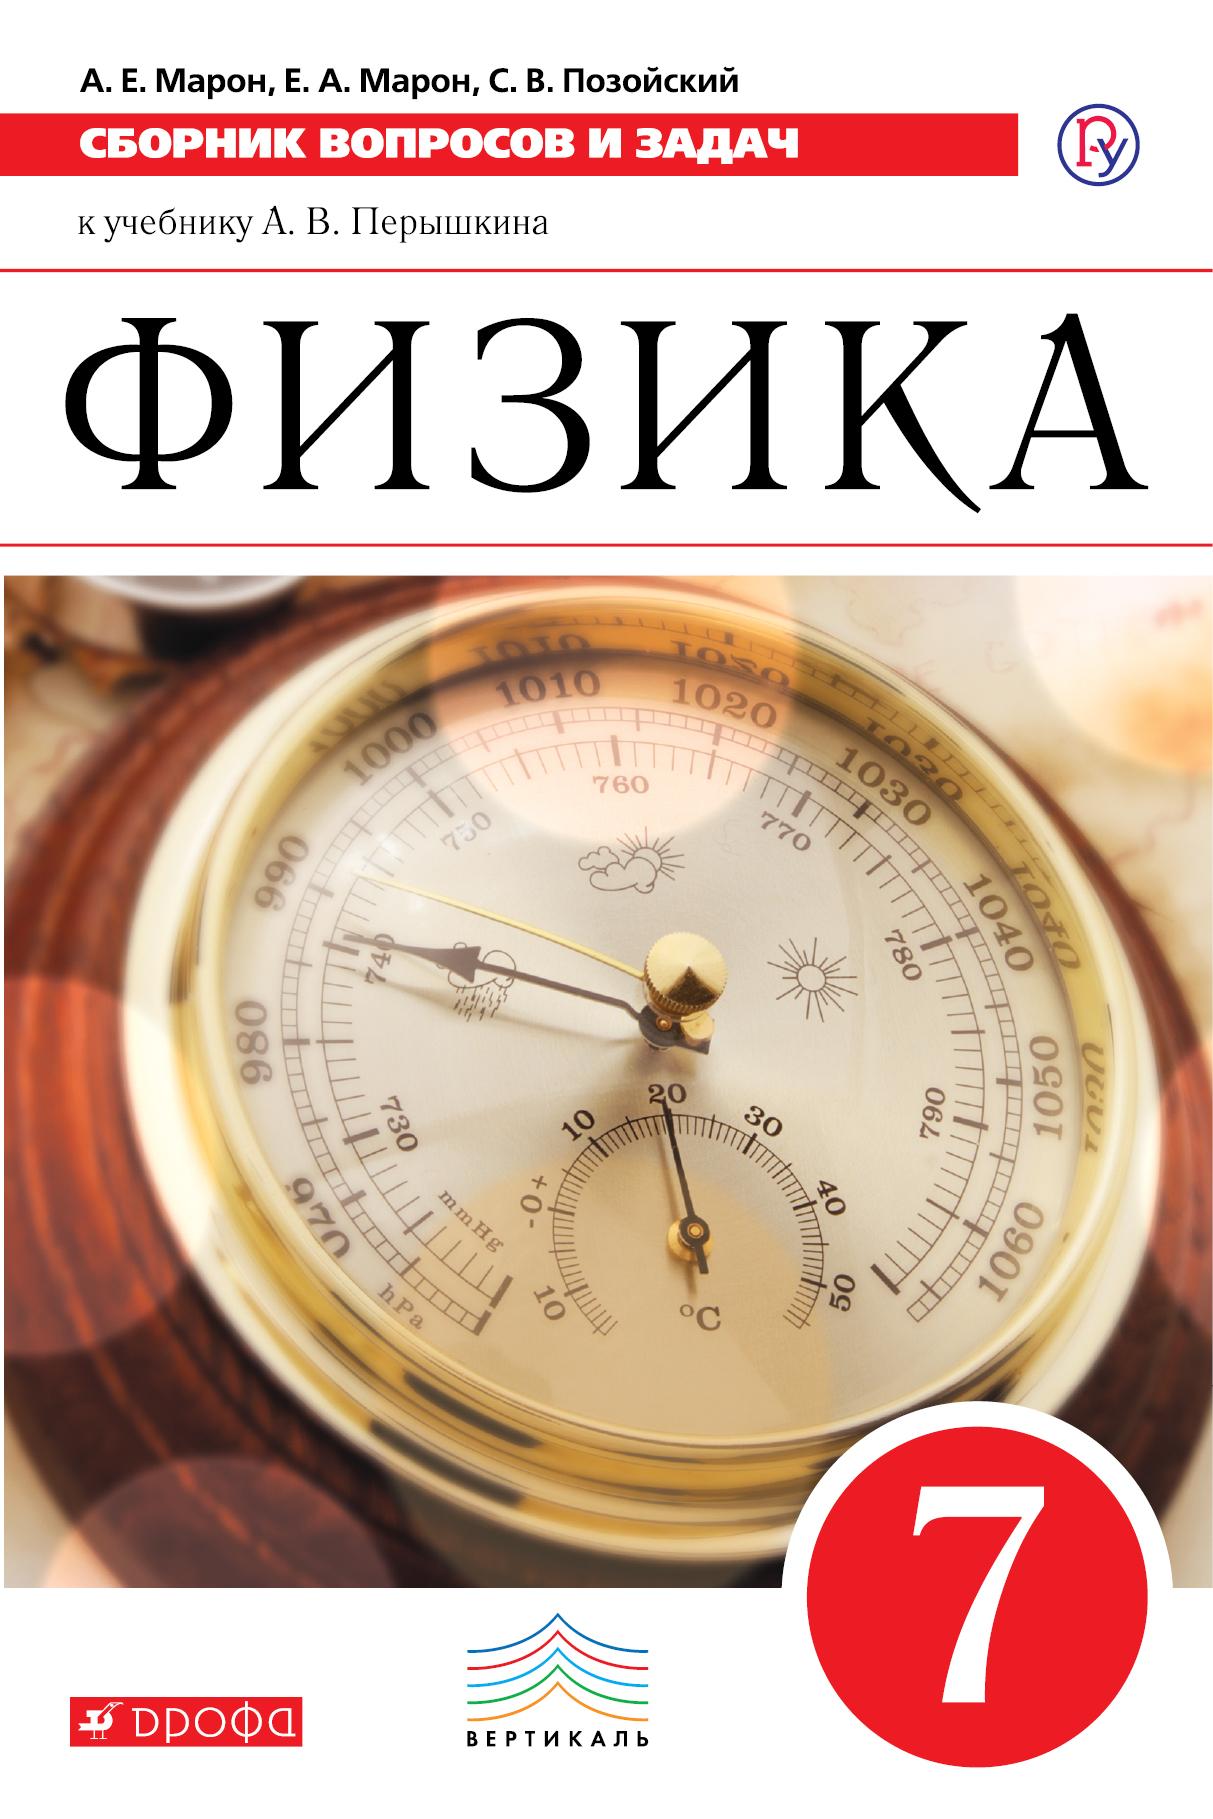 Марон А.Е., Позойский С.В., Марон Е.А. Физика. Сборник вопросов и задач. 7 класс все цены